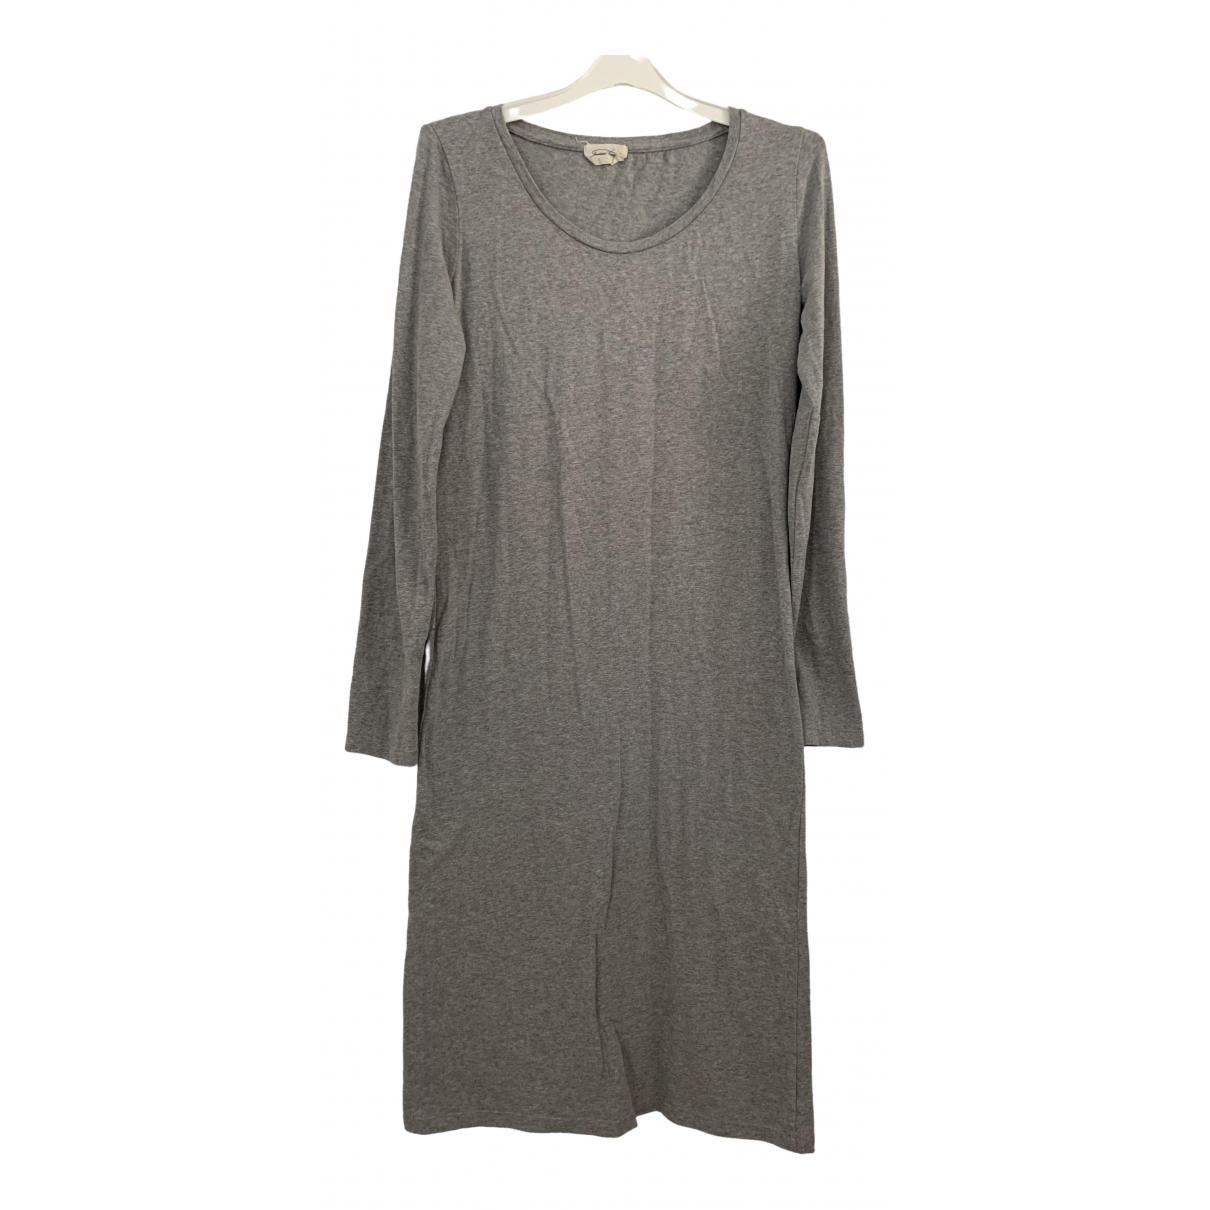 American Vintage \N Kleid in  Grau Baumwolle - Elasthan